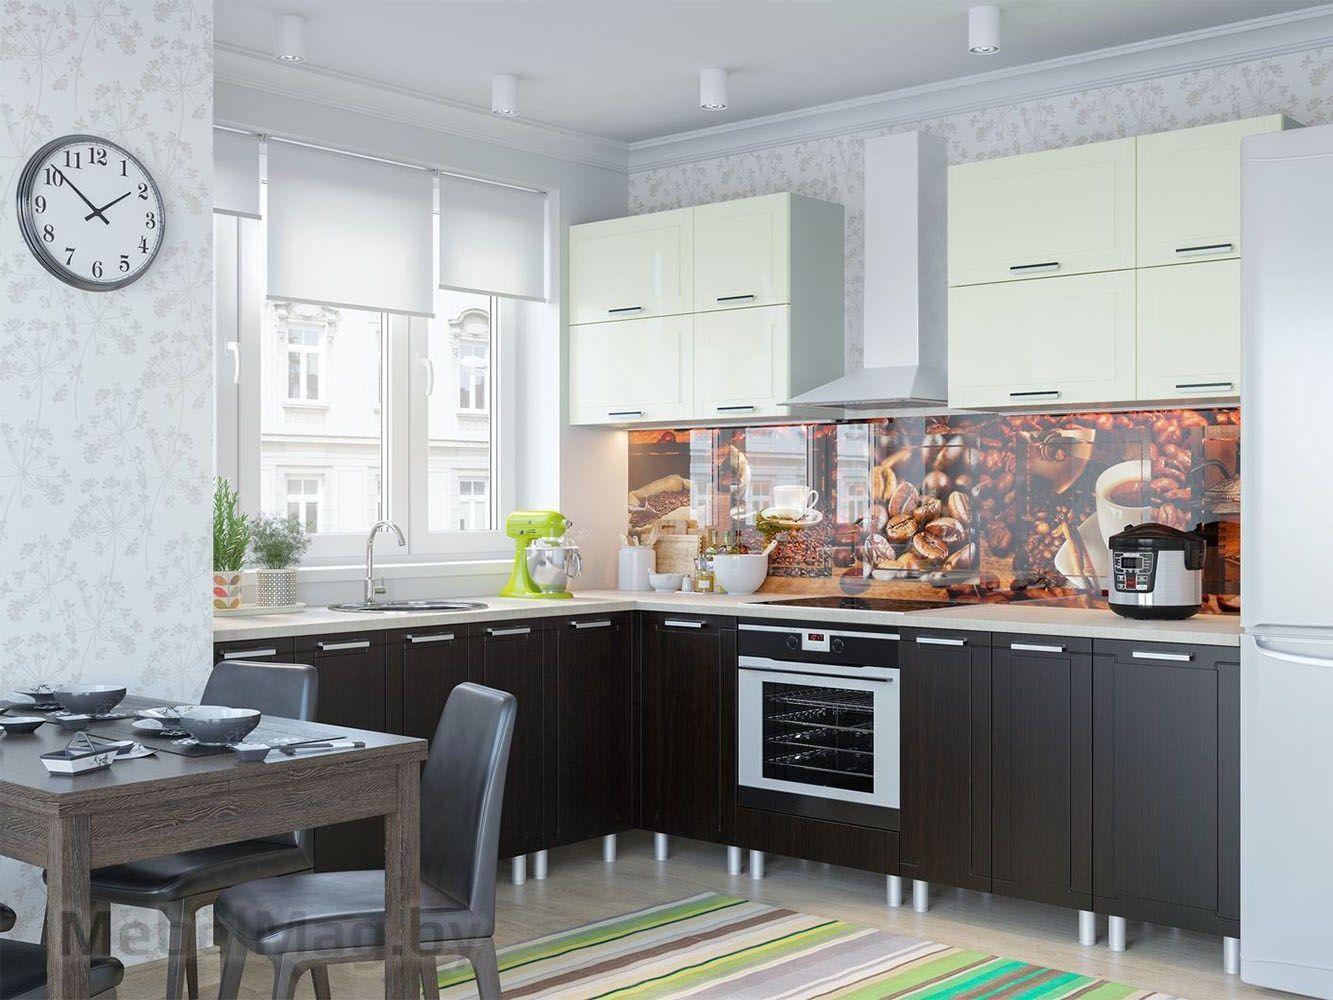 Кухня Геометрия Ваниль - набор 2